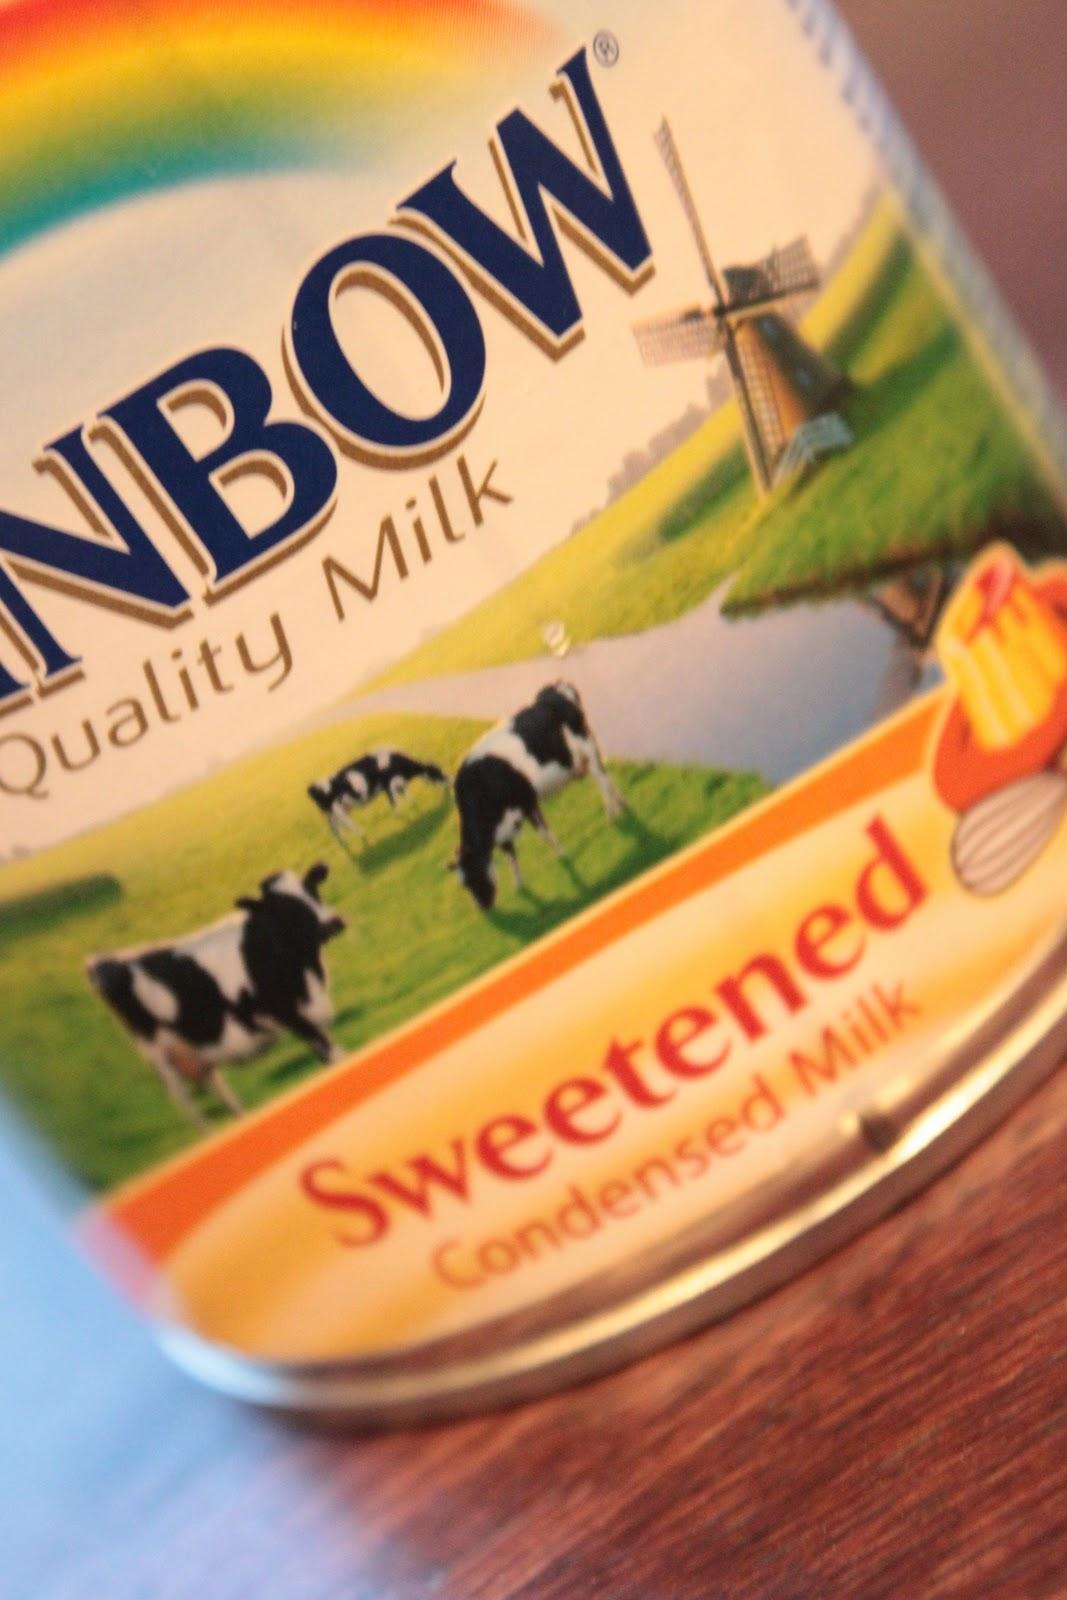 hemmagjord kondenserad mjölk